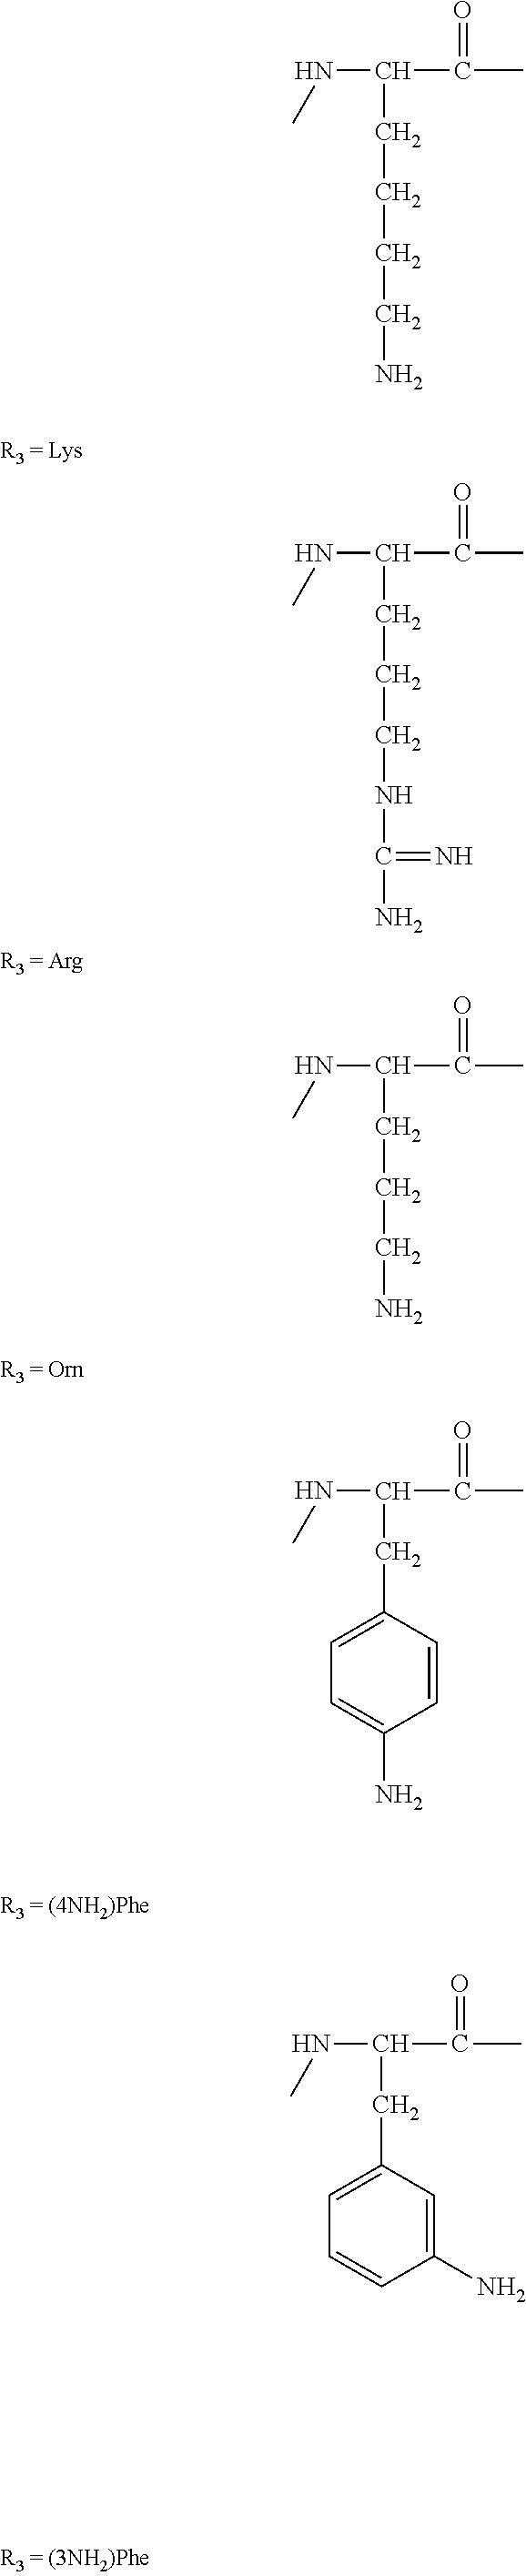 Figure US20110190212A1-20110804-C00074